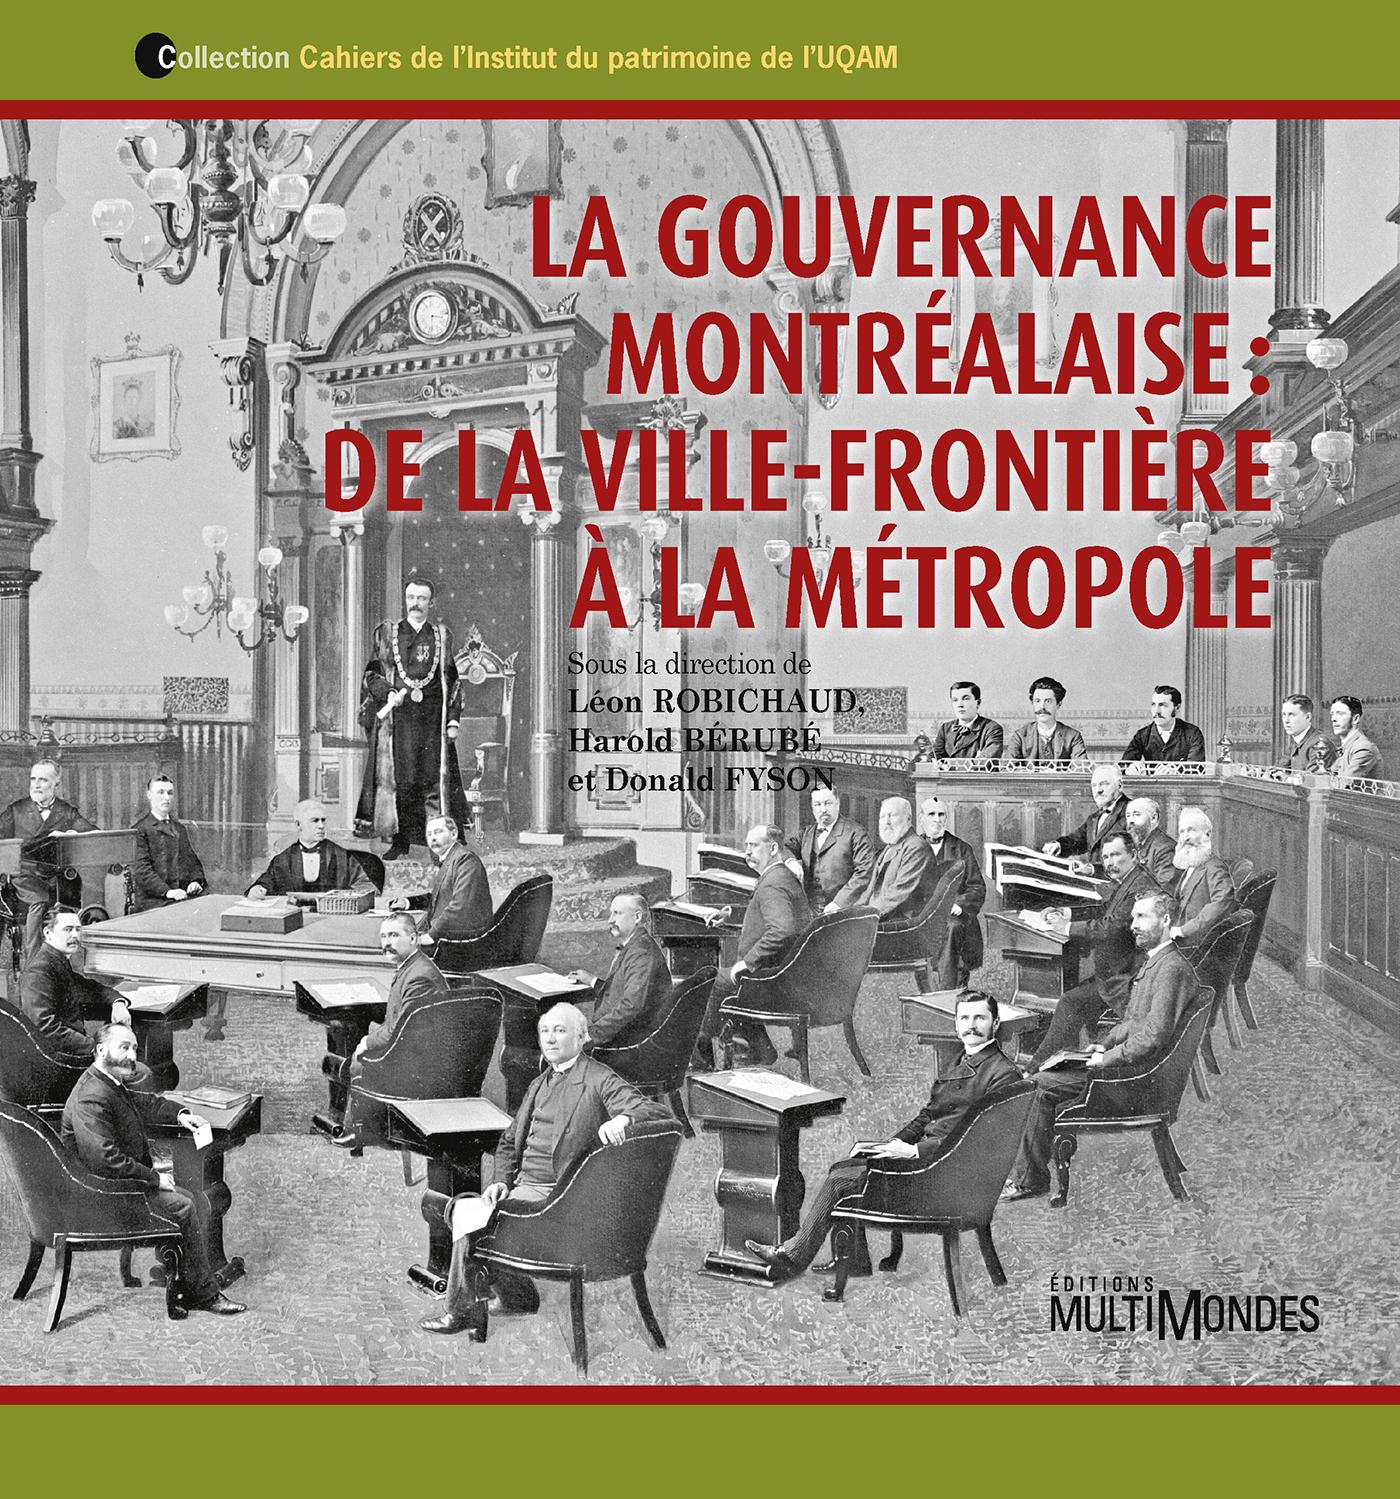 La gouvernance montréalaise...